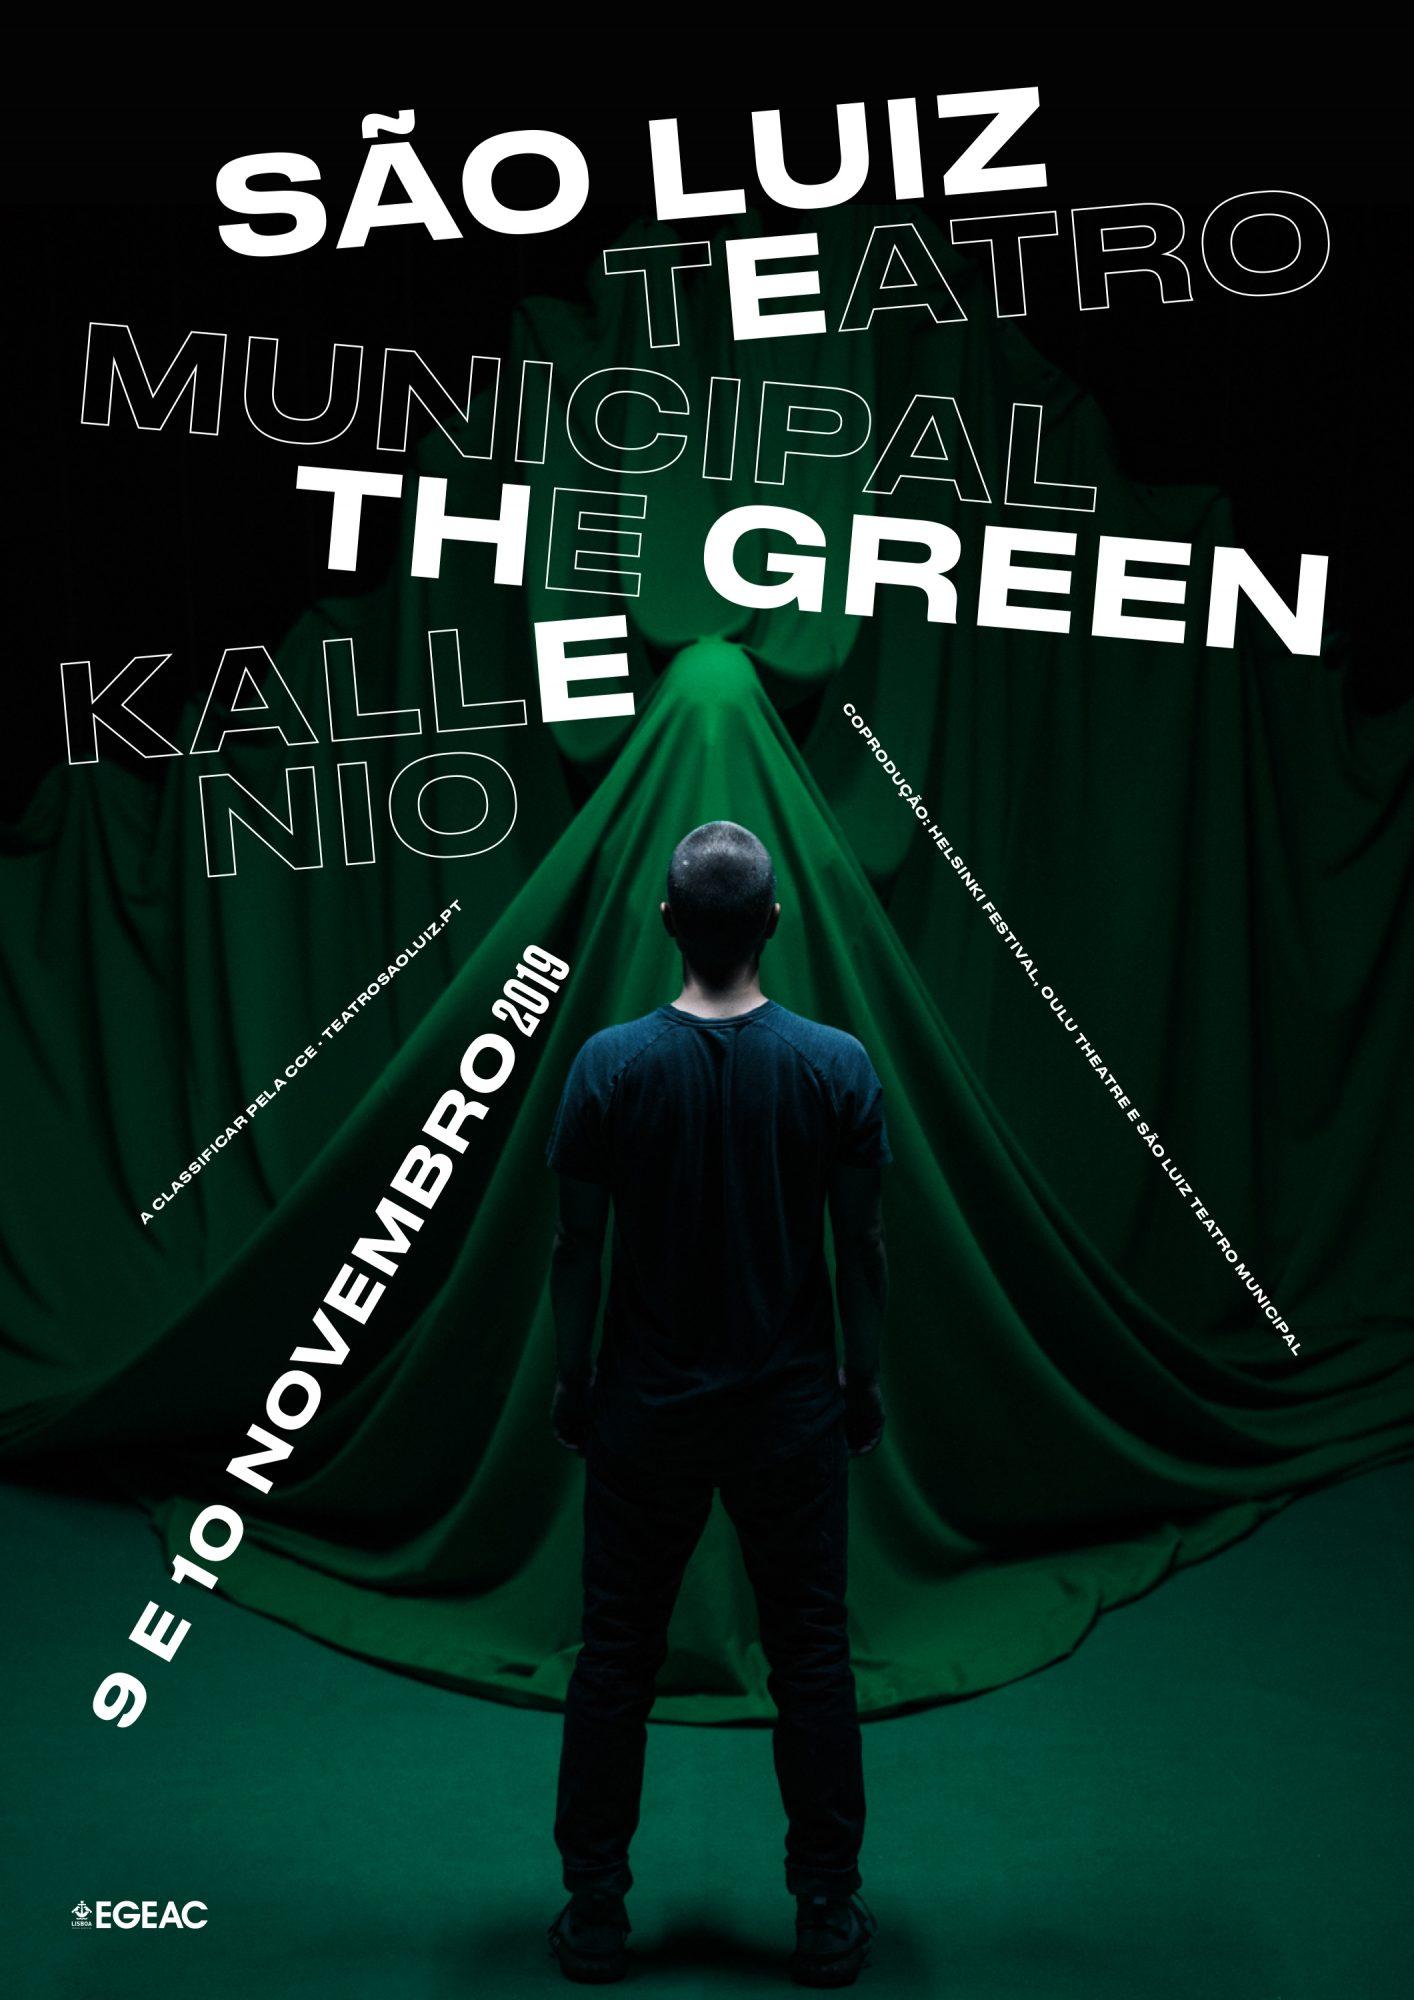 The Green, novembro 2019